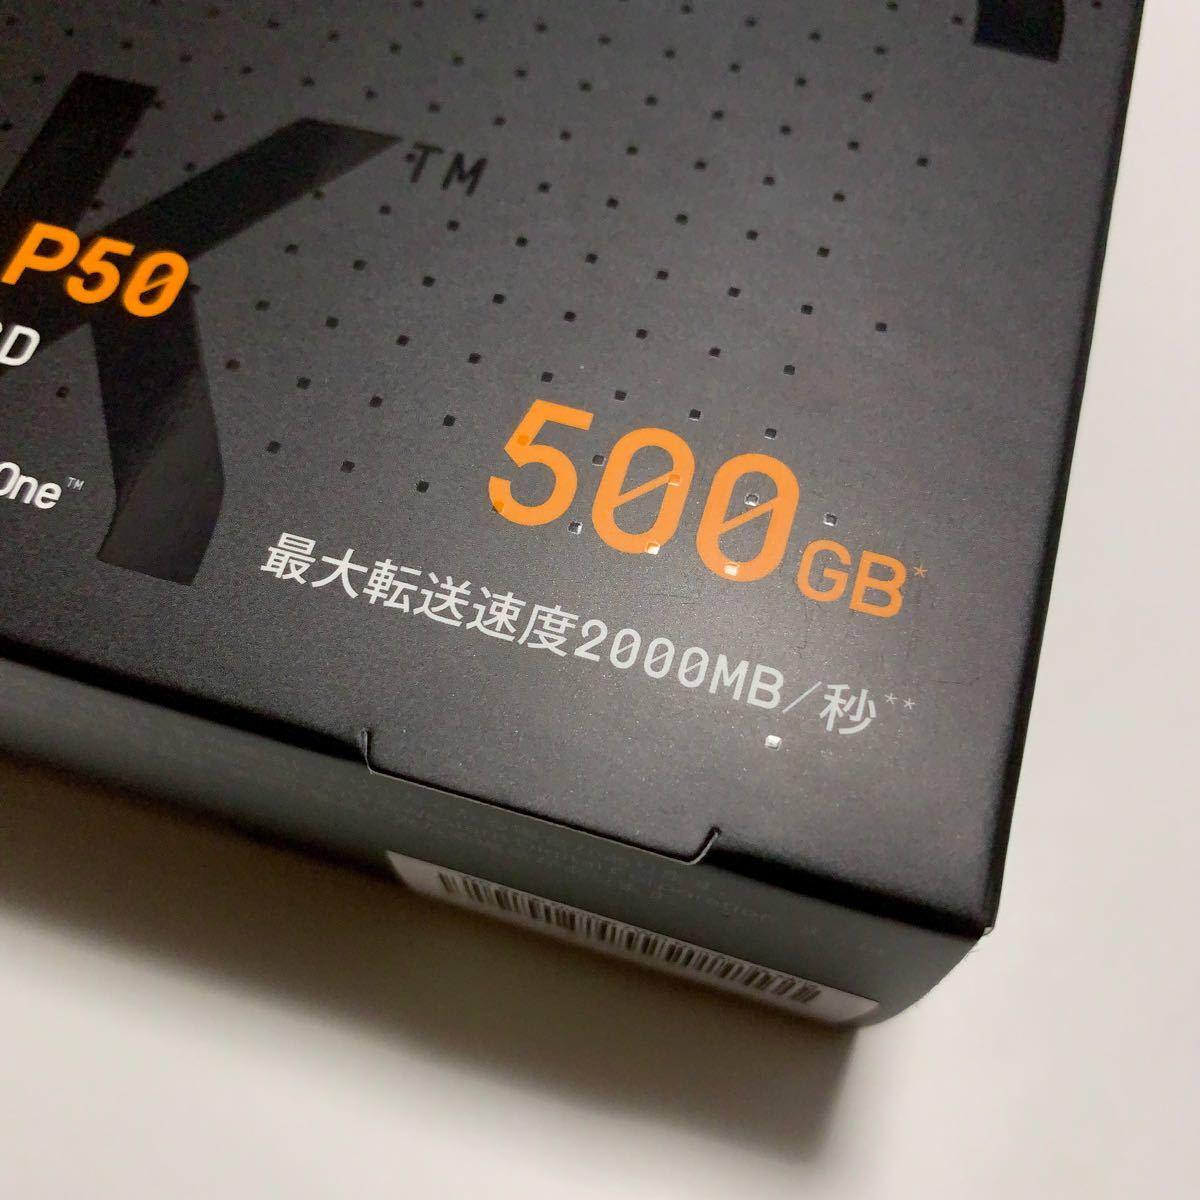 ポータブルSSD WD_BLACK P50 Game Drive 500GB PS4 Xbox SSD NVMe 2000MB/s